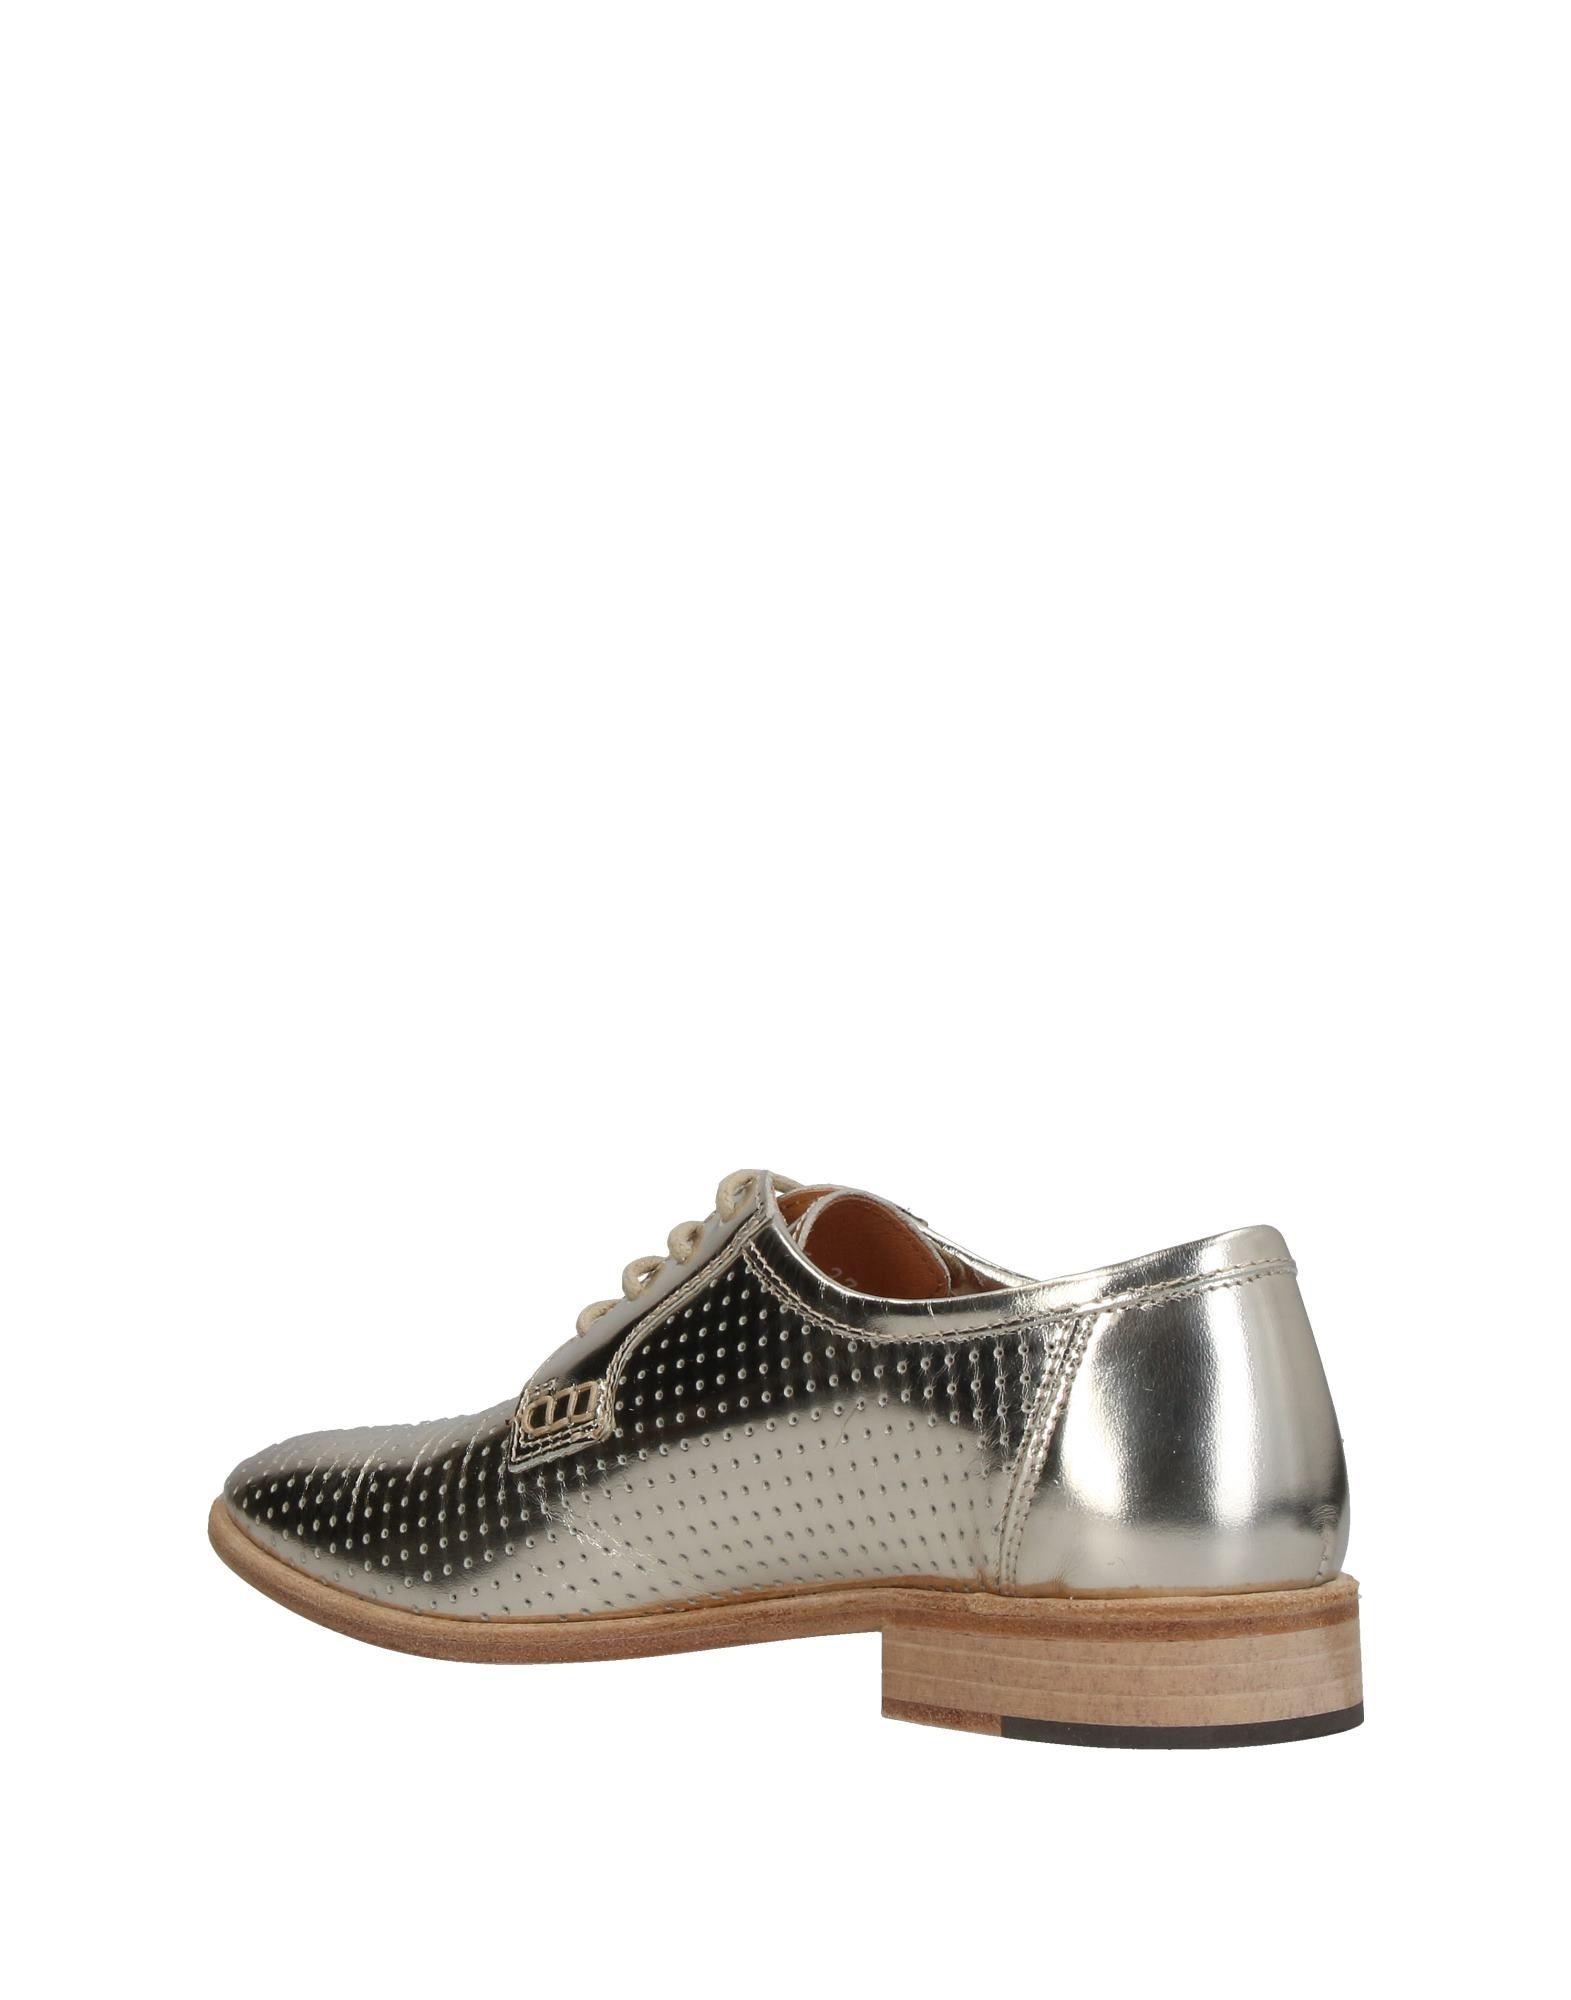 Livraison Gratuite Le Moins Cher CHAUSSURES - Chaussures à lacetsSoldini qualité Frais Faible Prix De Vente D'expédition En Ligne yECfOL